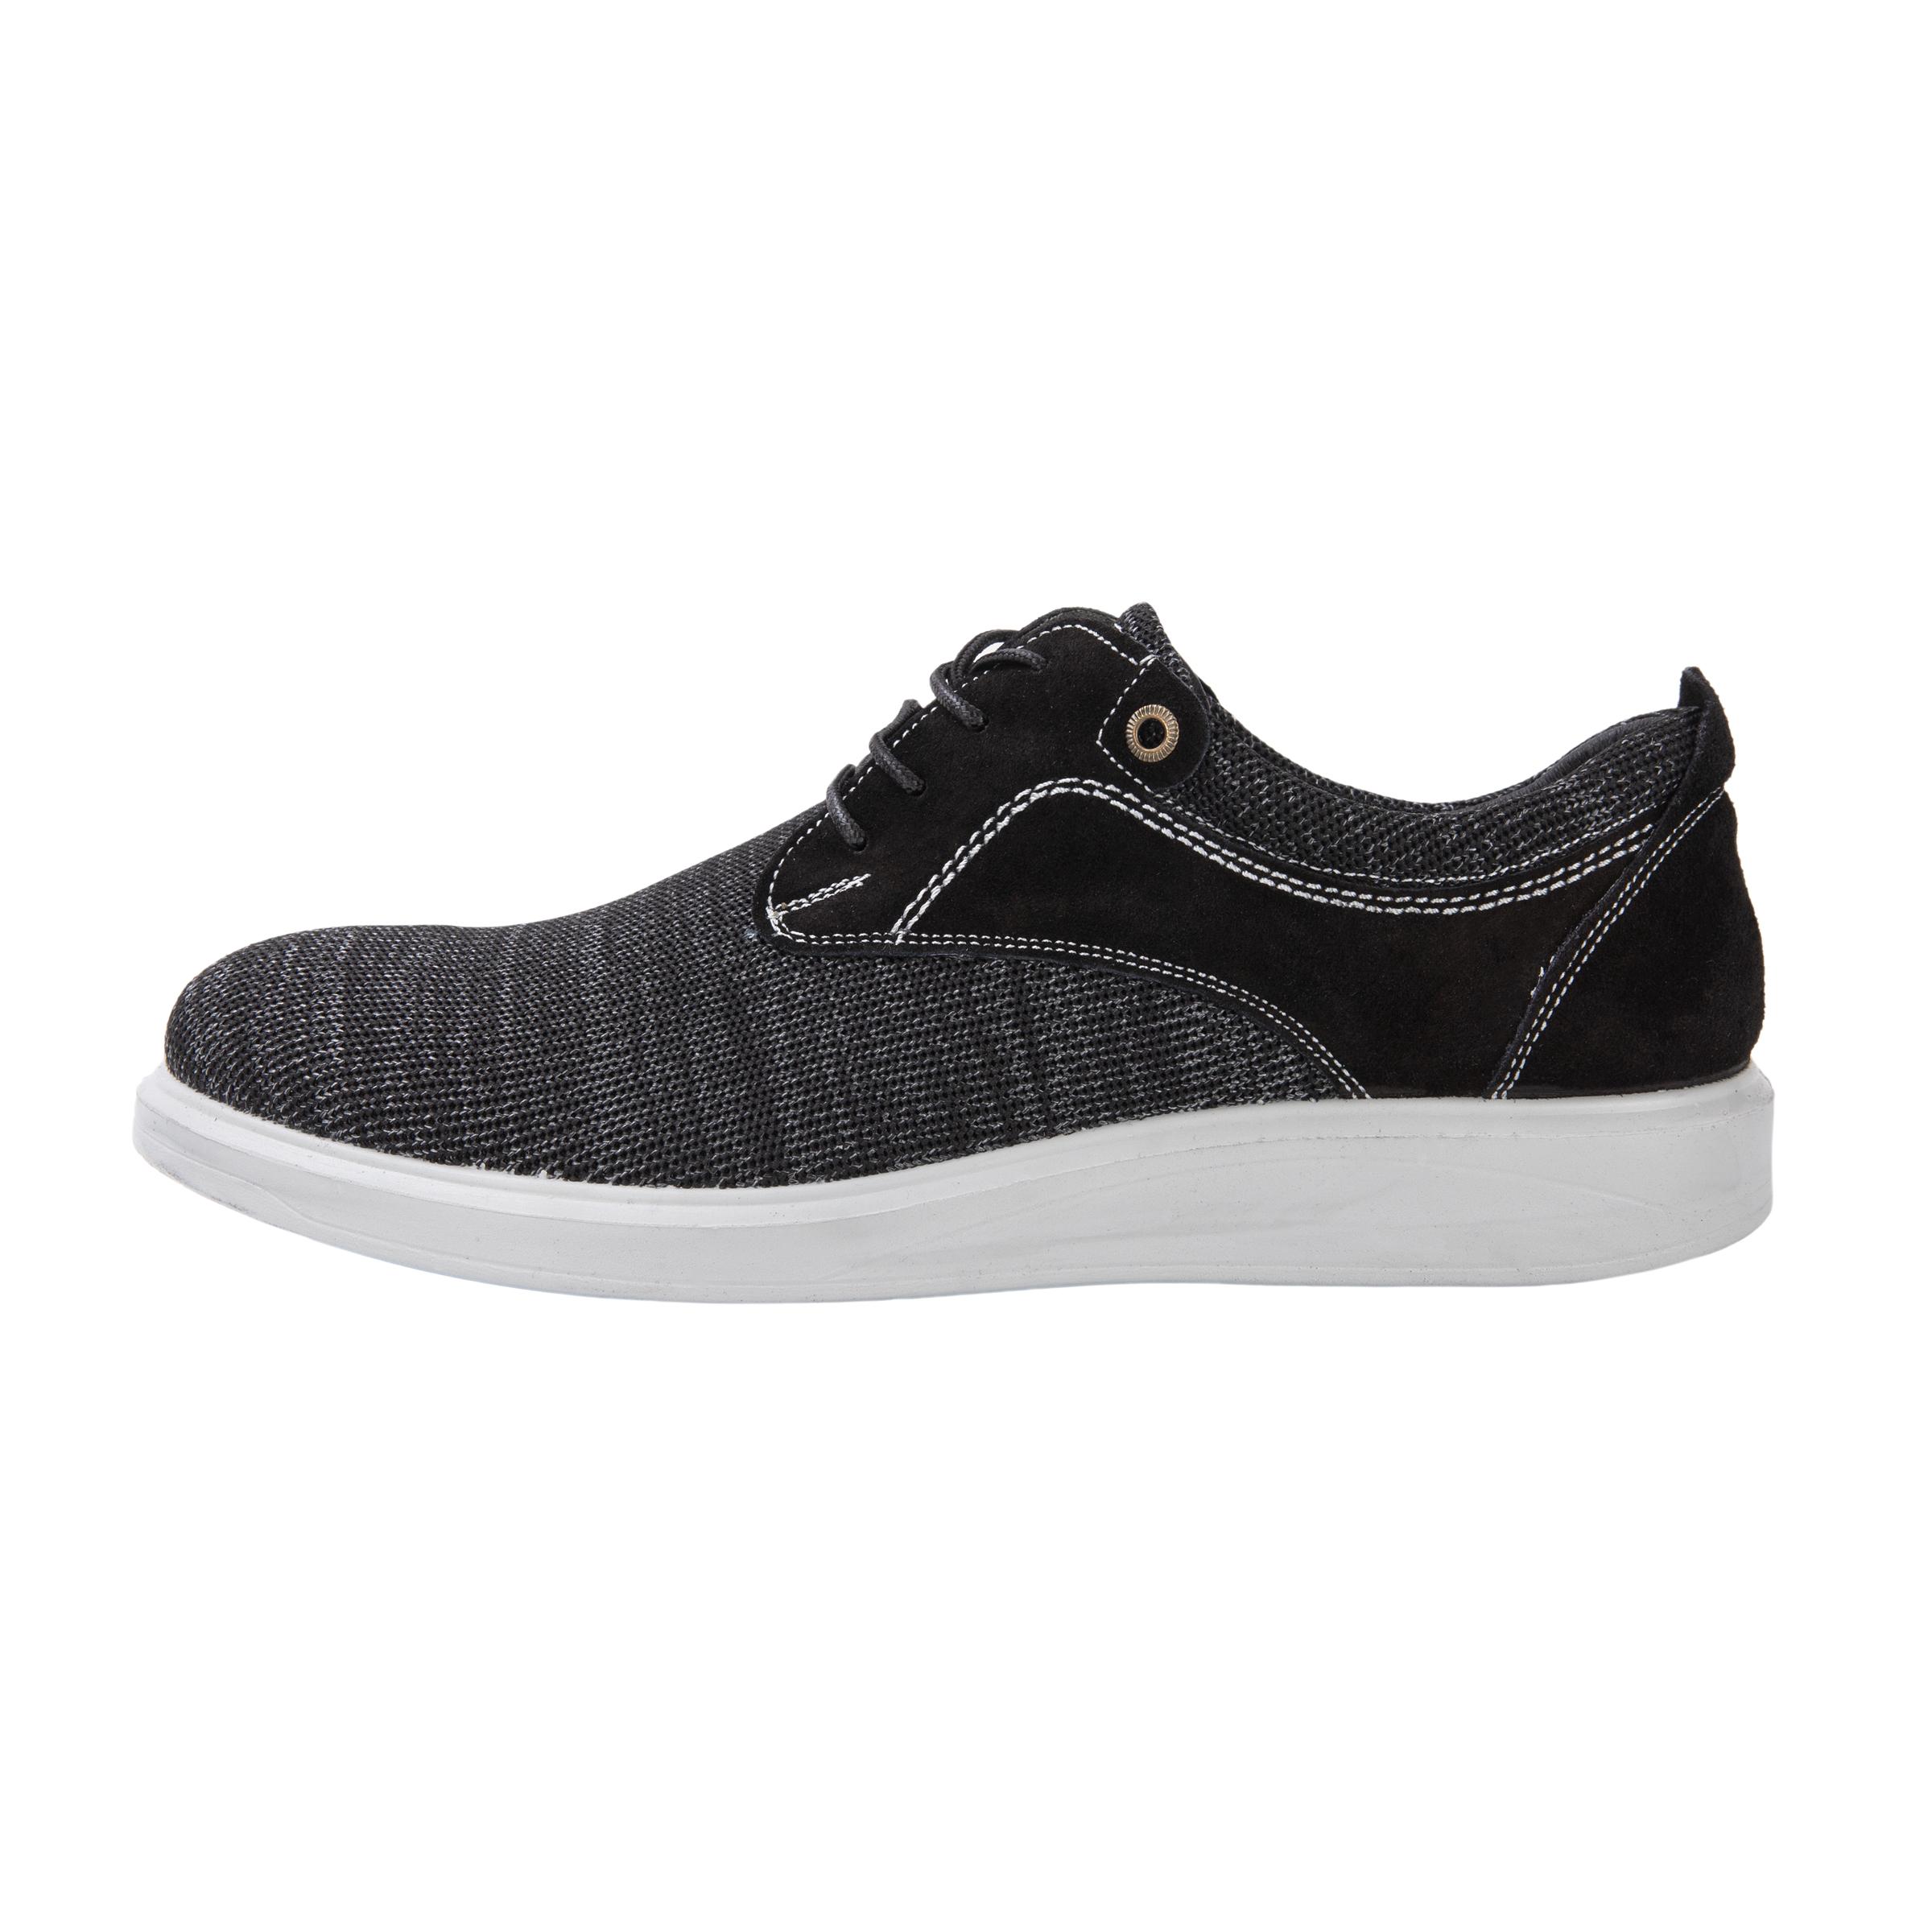 کفش روزمره مردانه شوپا مدل 3012-1-101 رنگ مشکی